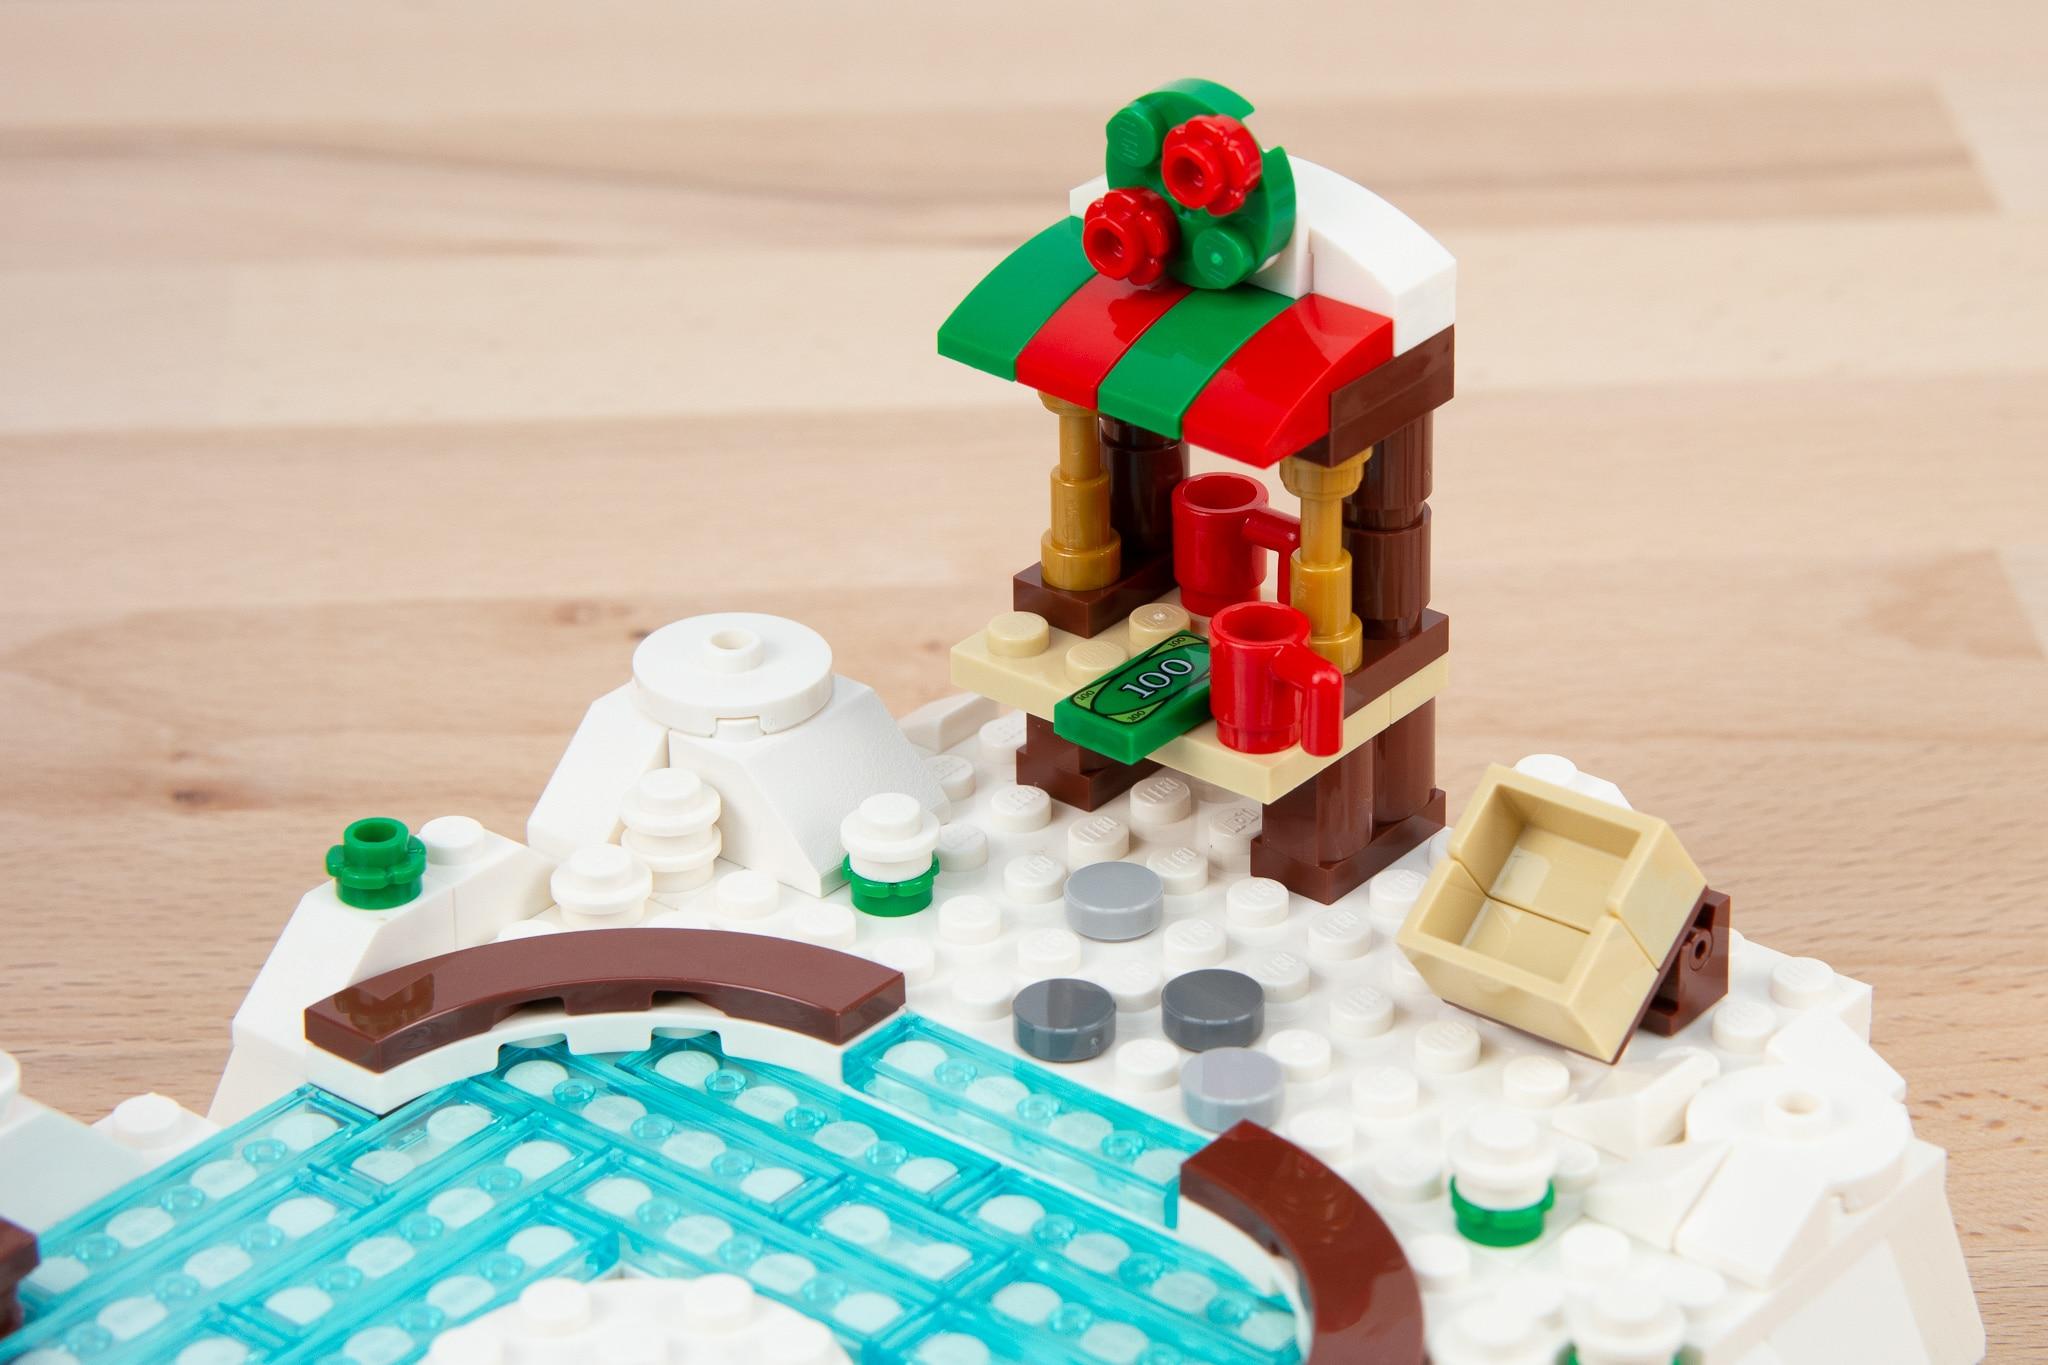 LEGO 40416 Eislaufplatz Stonewars Review (14)